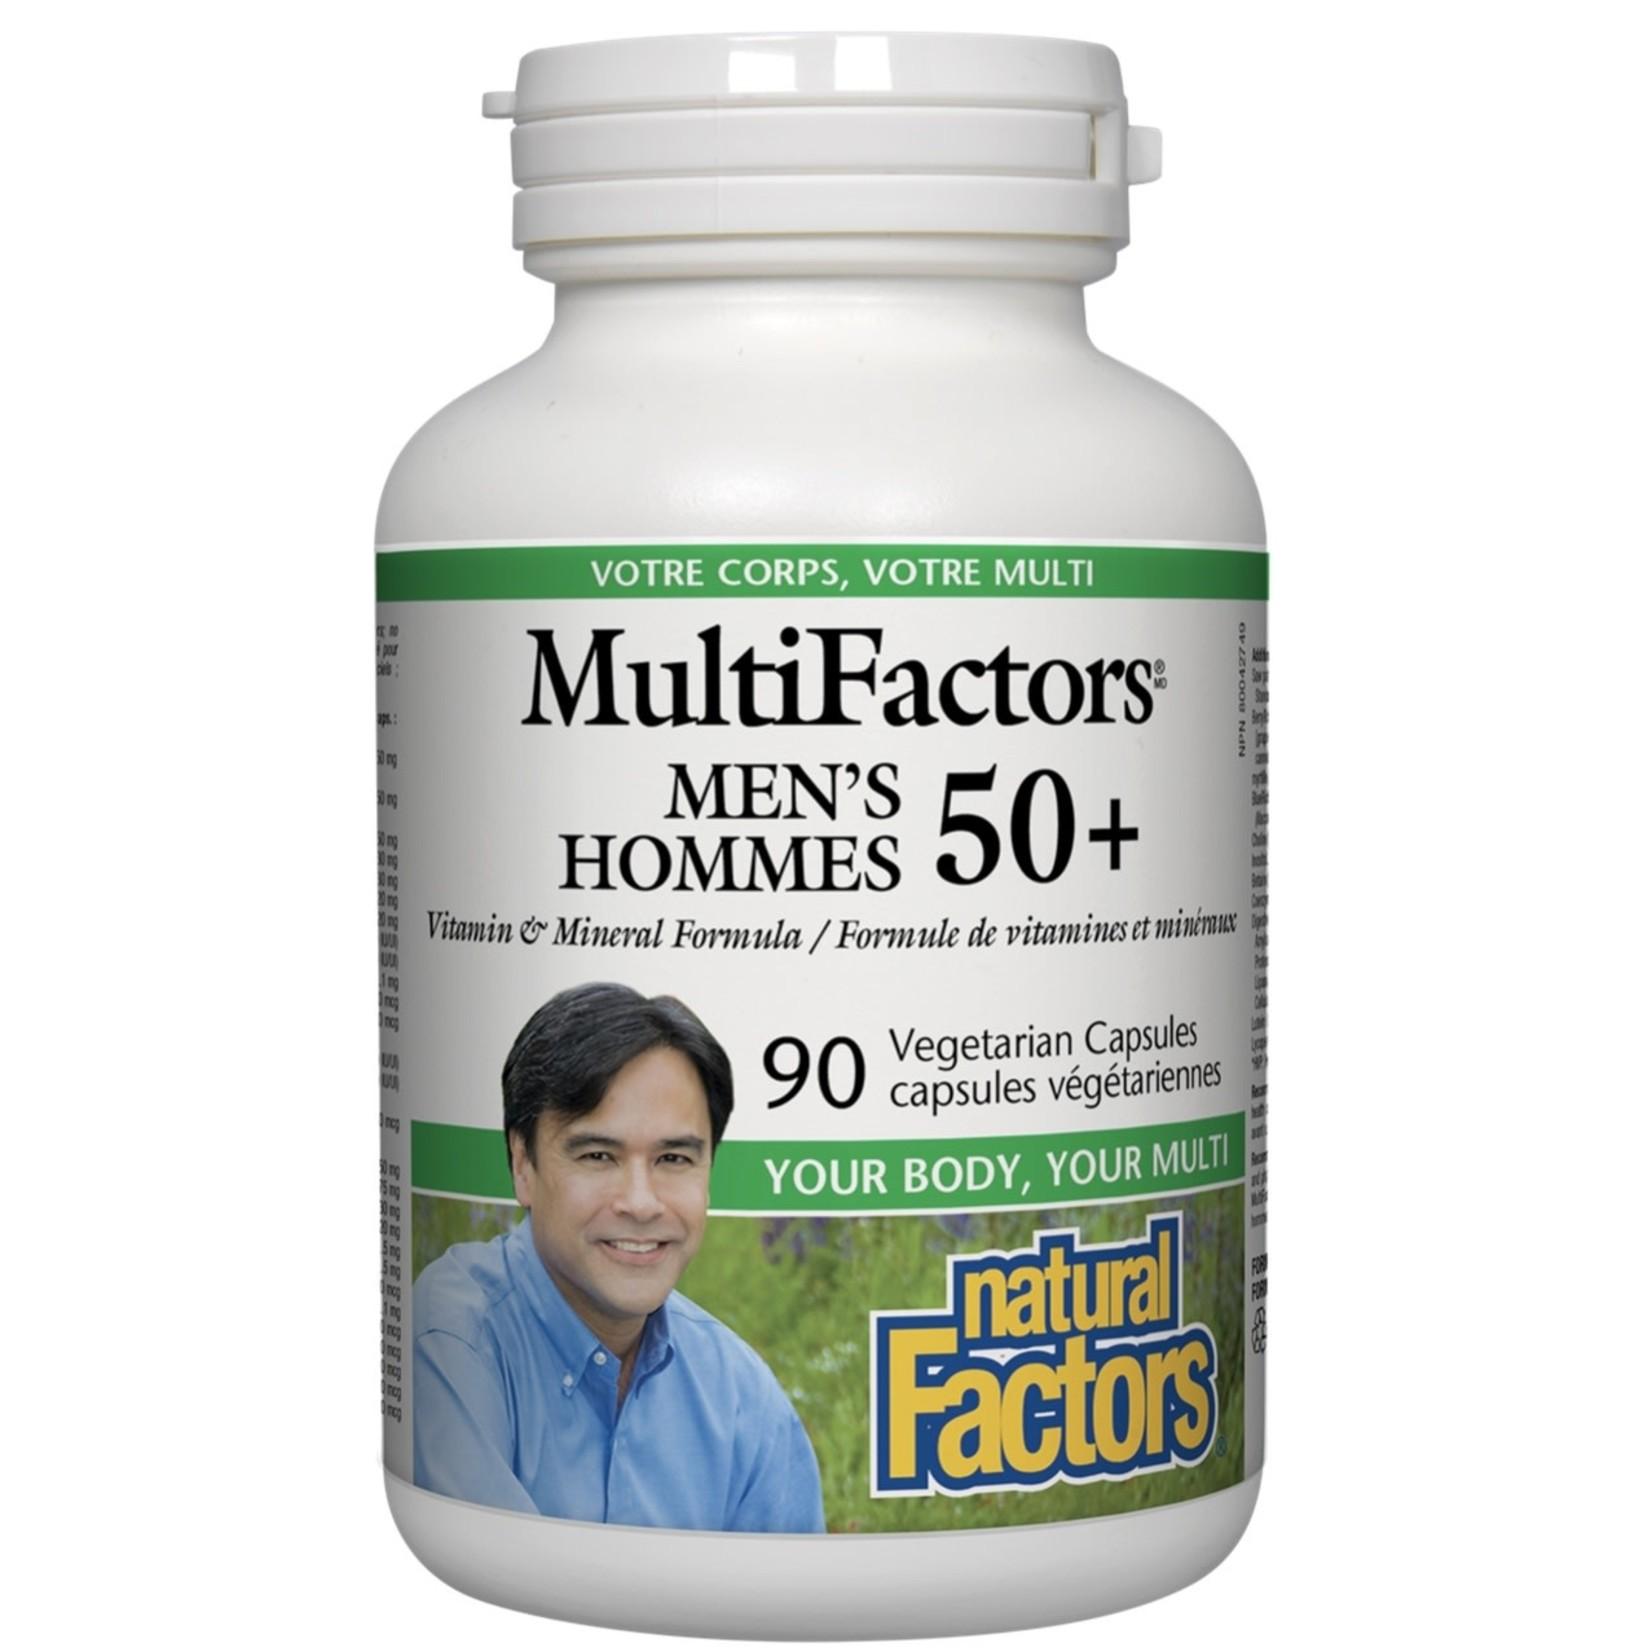 Natural Factors Natural Factors Multifactors Men's 50+ 90 caps